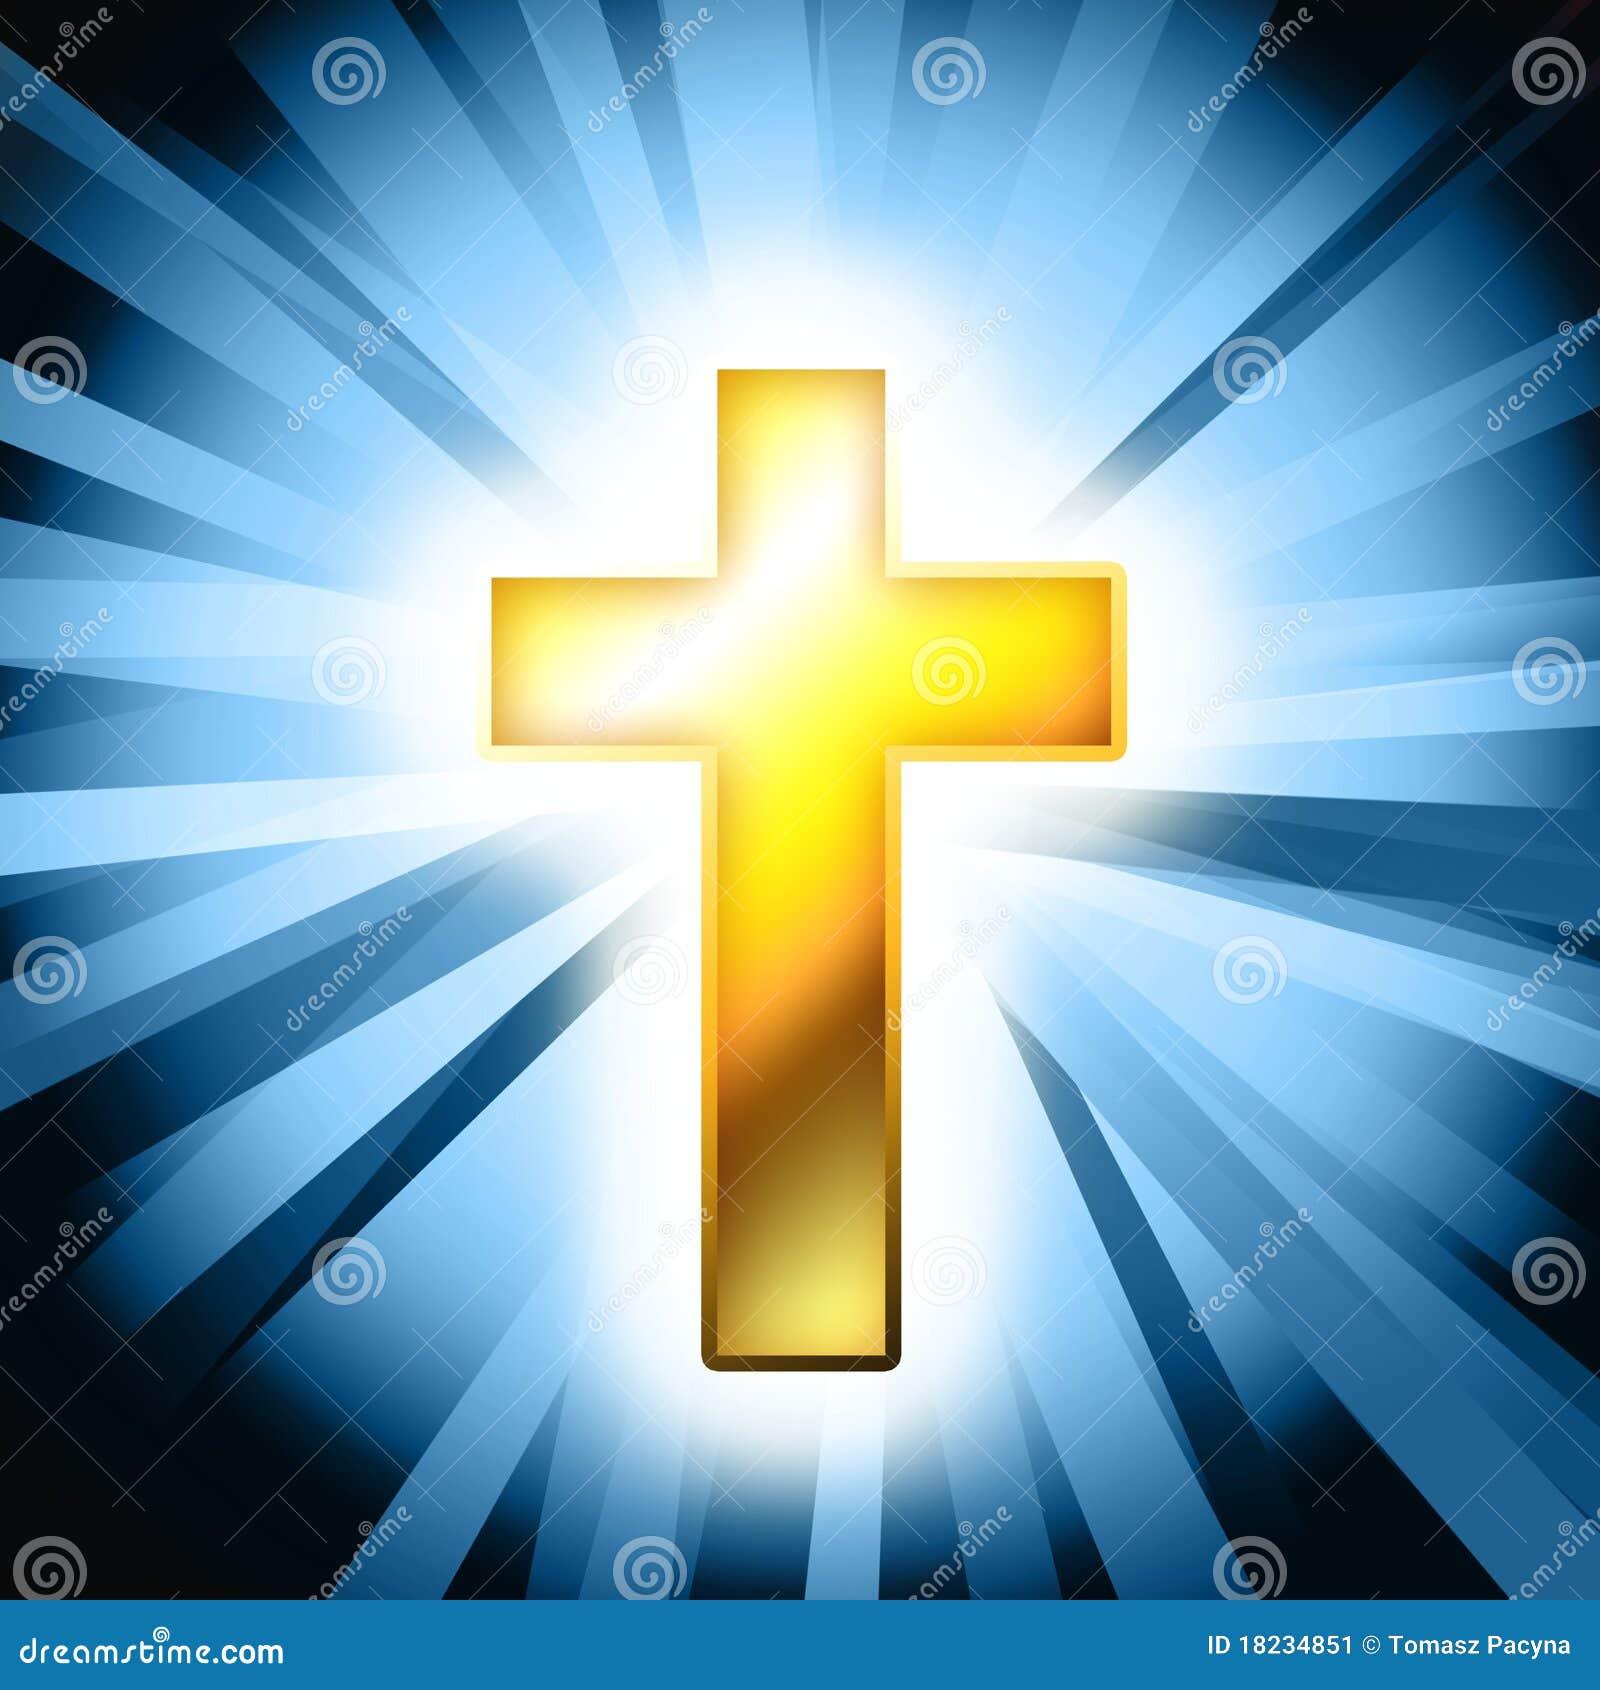 catholic cross background stock image